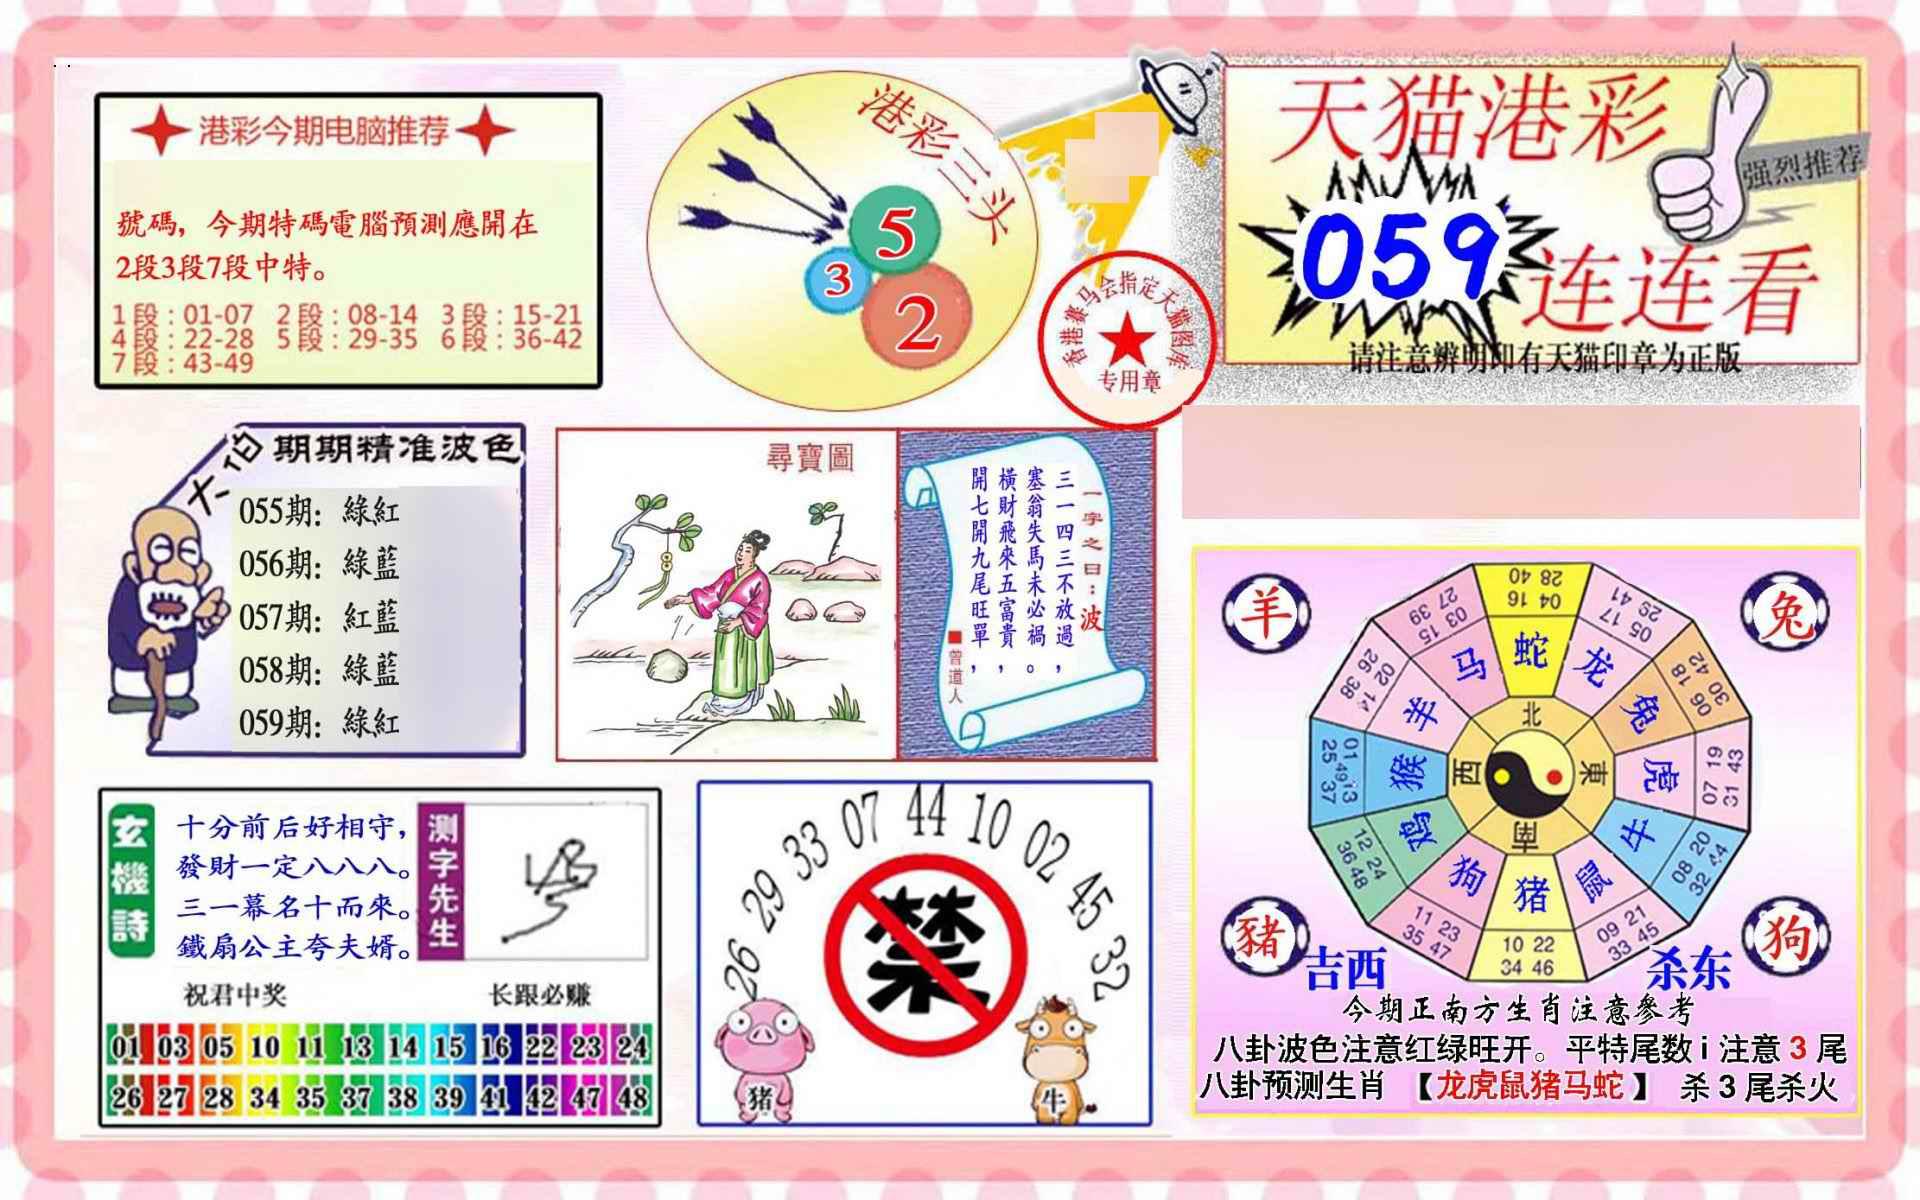 059期港彩连连中